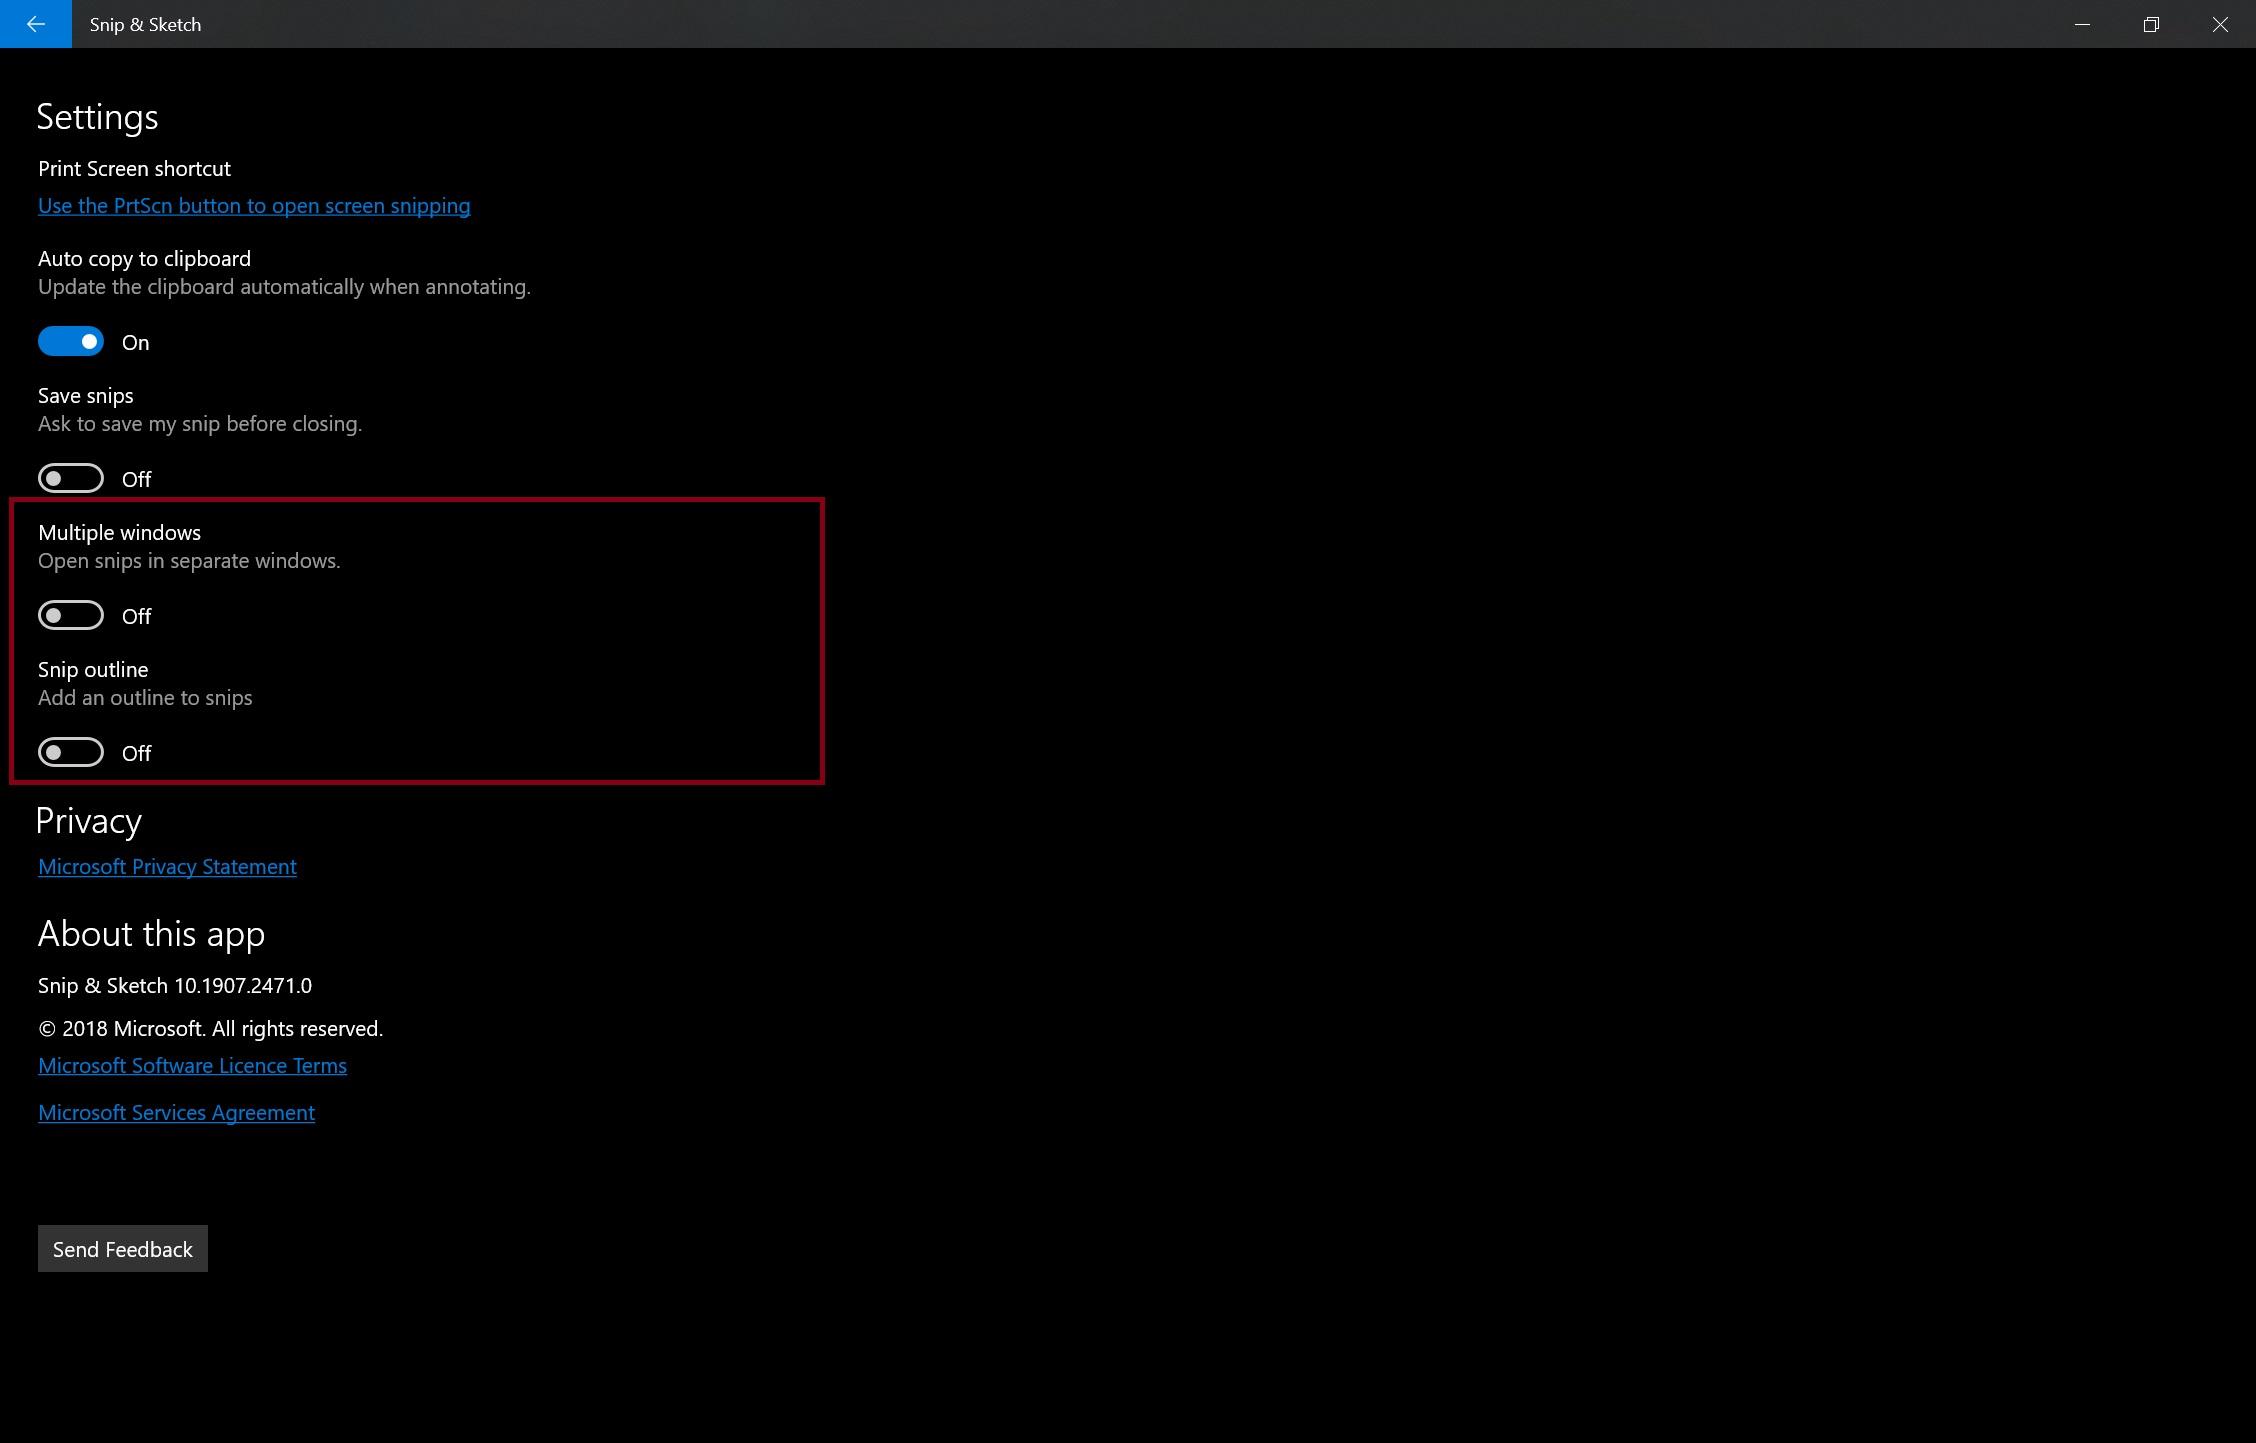 Win10的Snip and Sketch已更新,支持多个窗口,缩放等